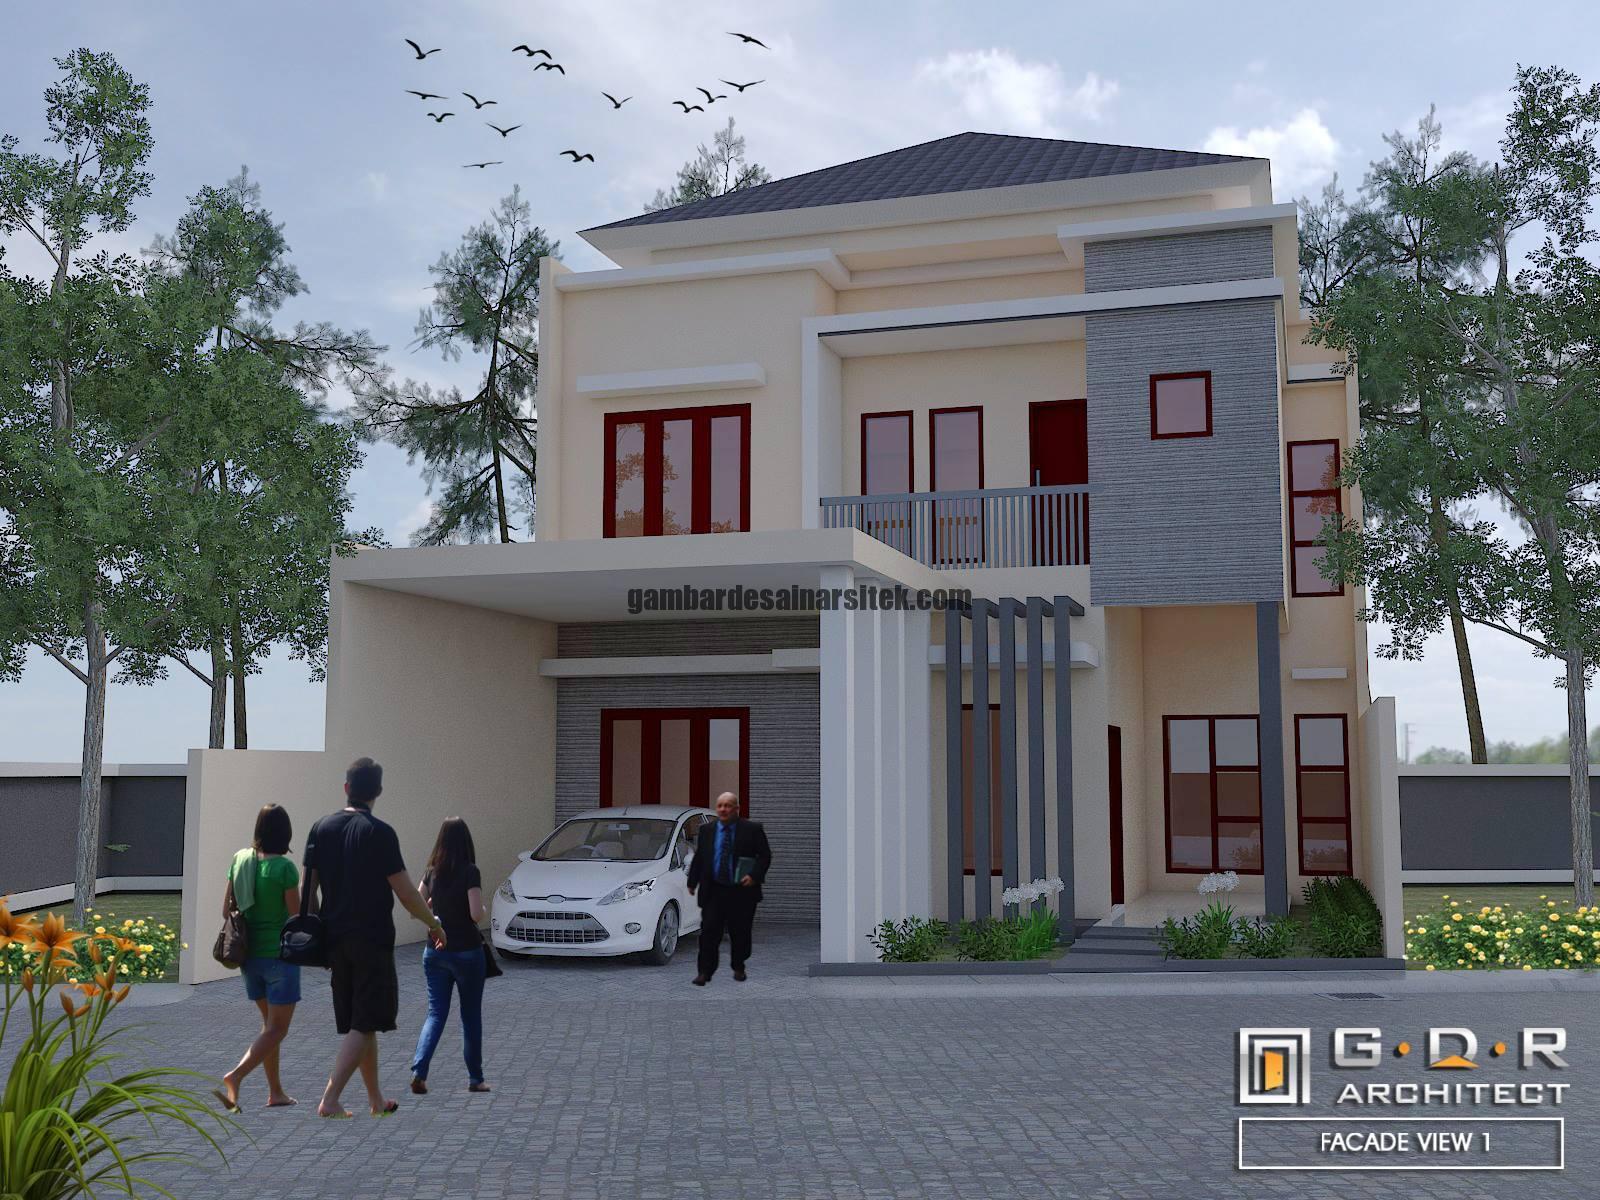 80 Desain Atap Segitiga sebagai Inspirasi Rumah Anda 2